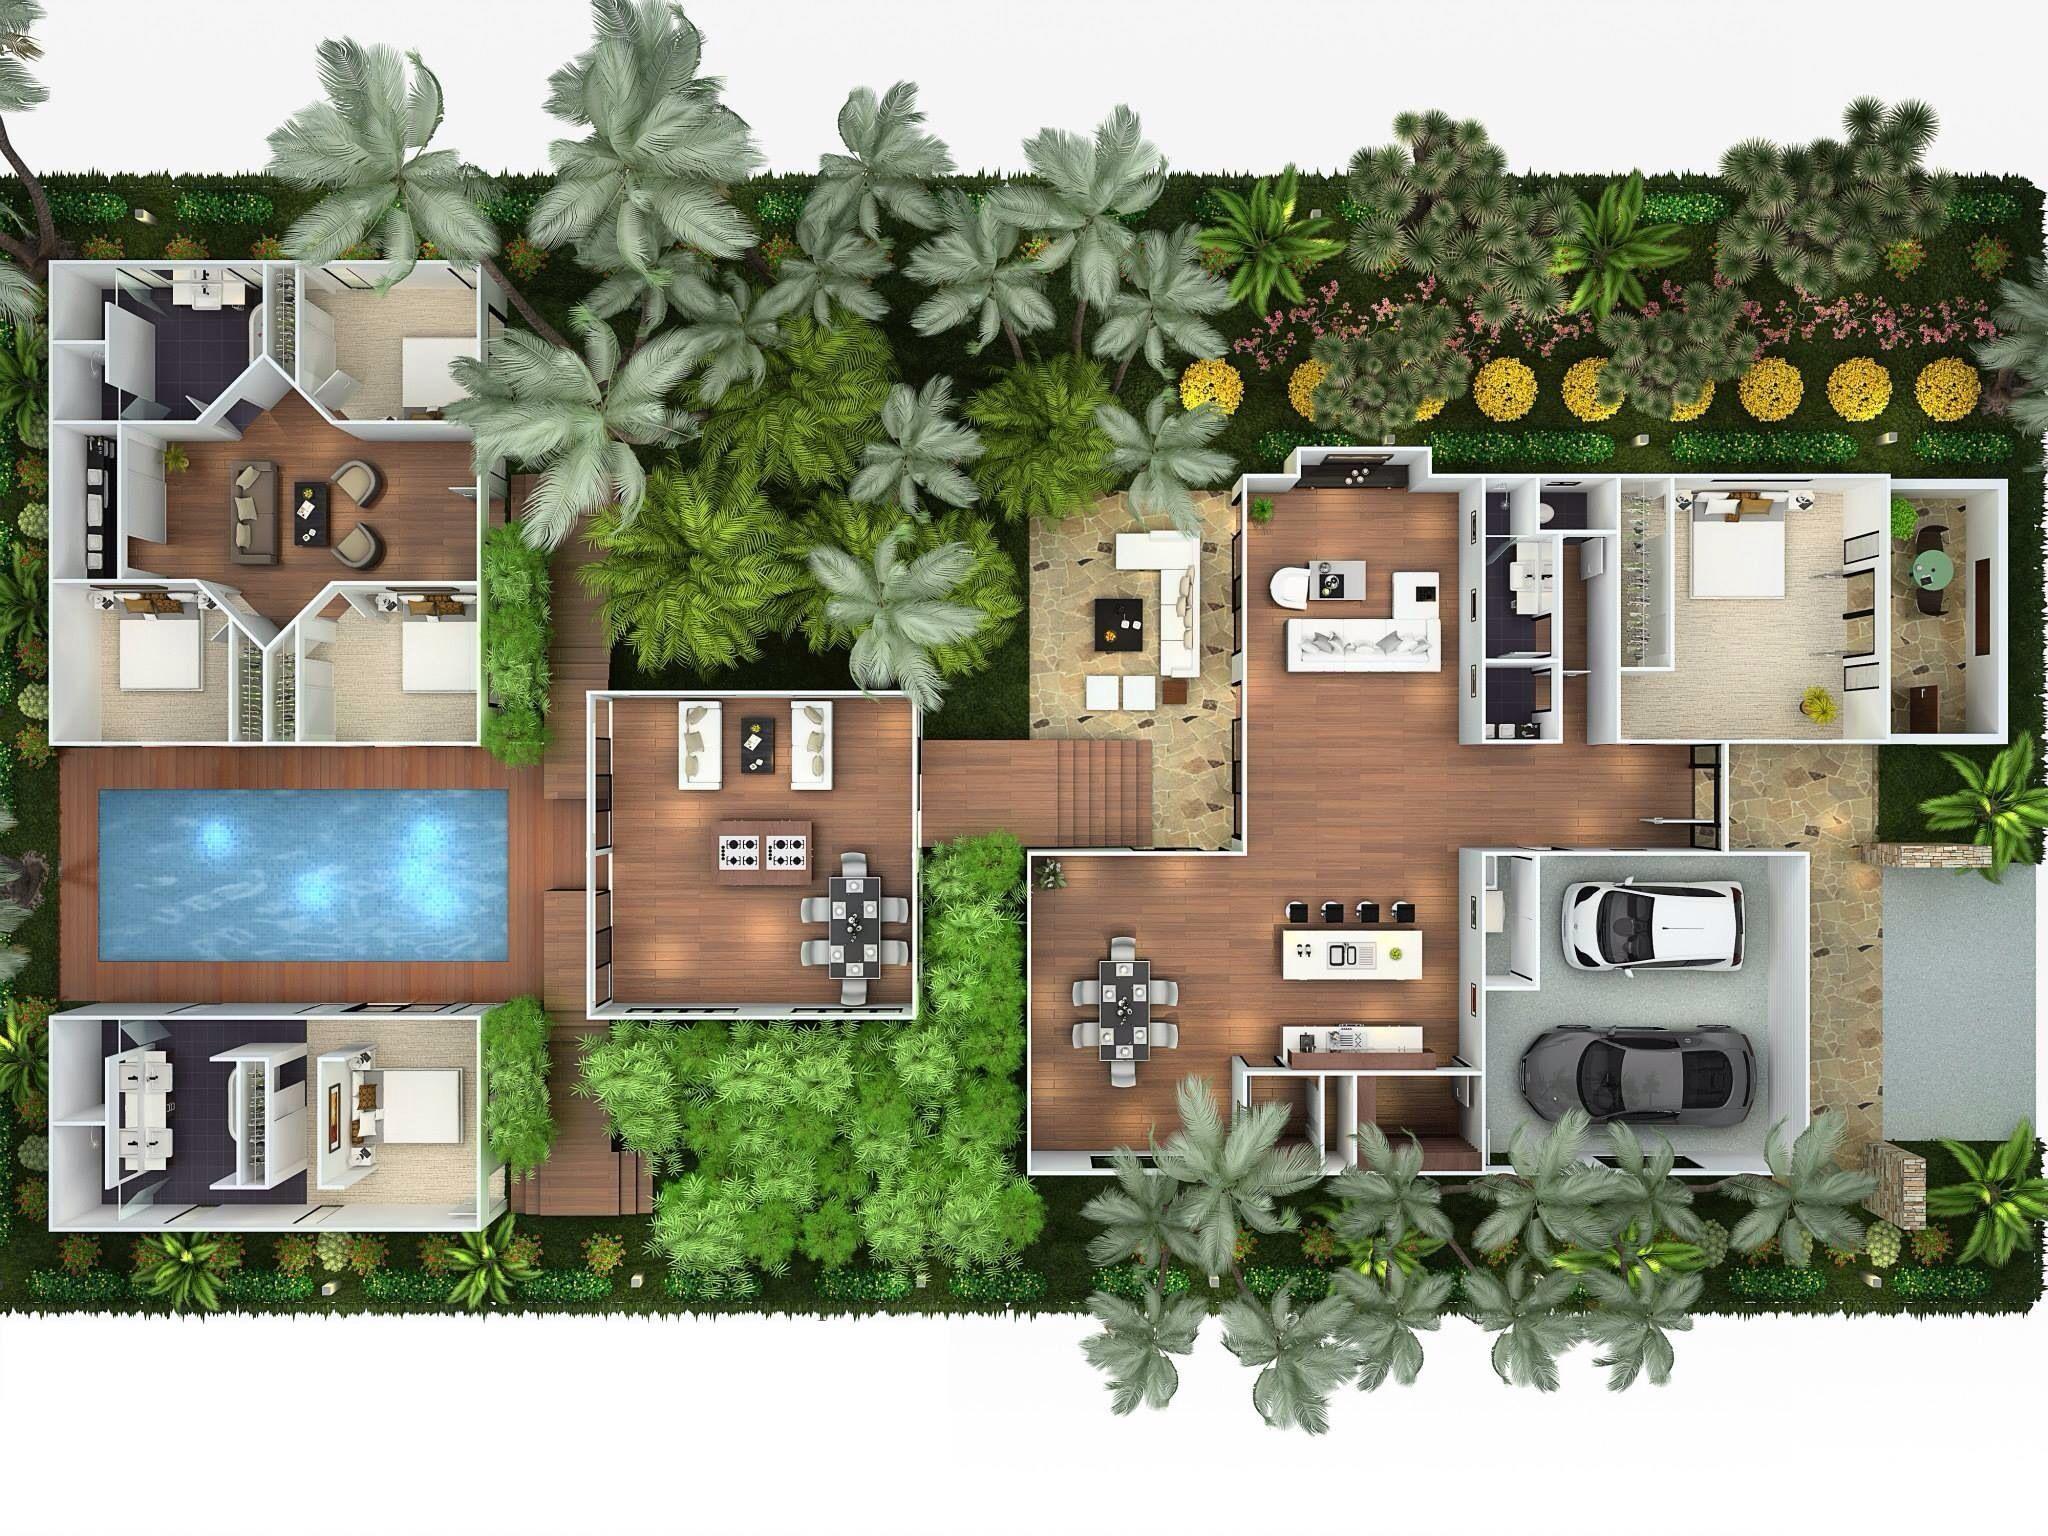 Casa habitaci n con reas independientes unidas por for Arquitectura de jardines